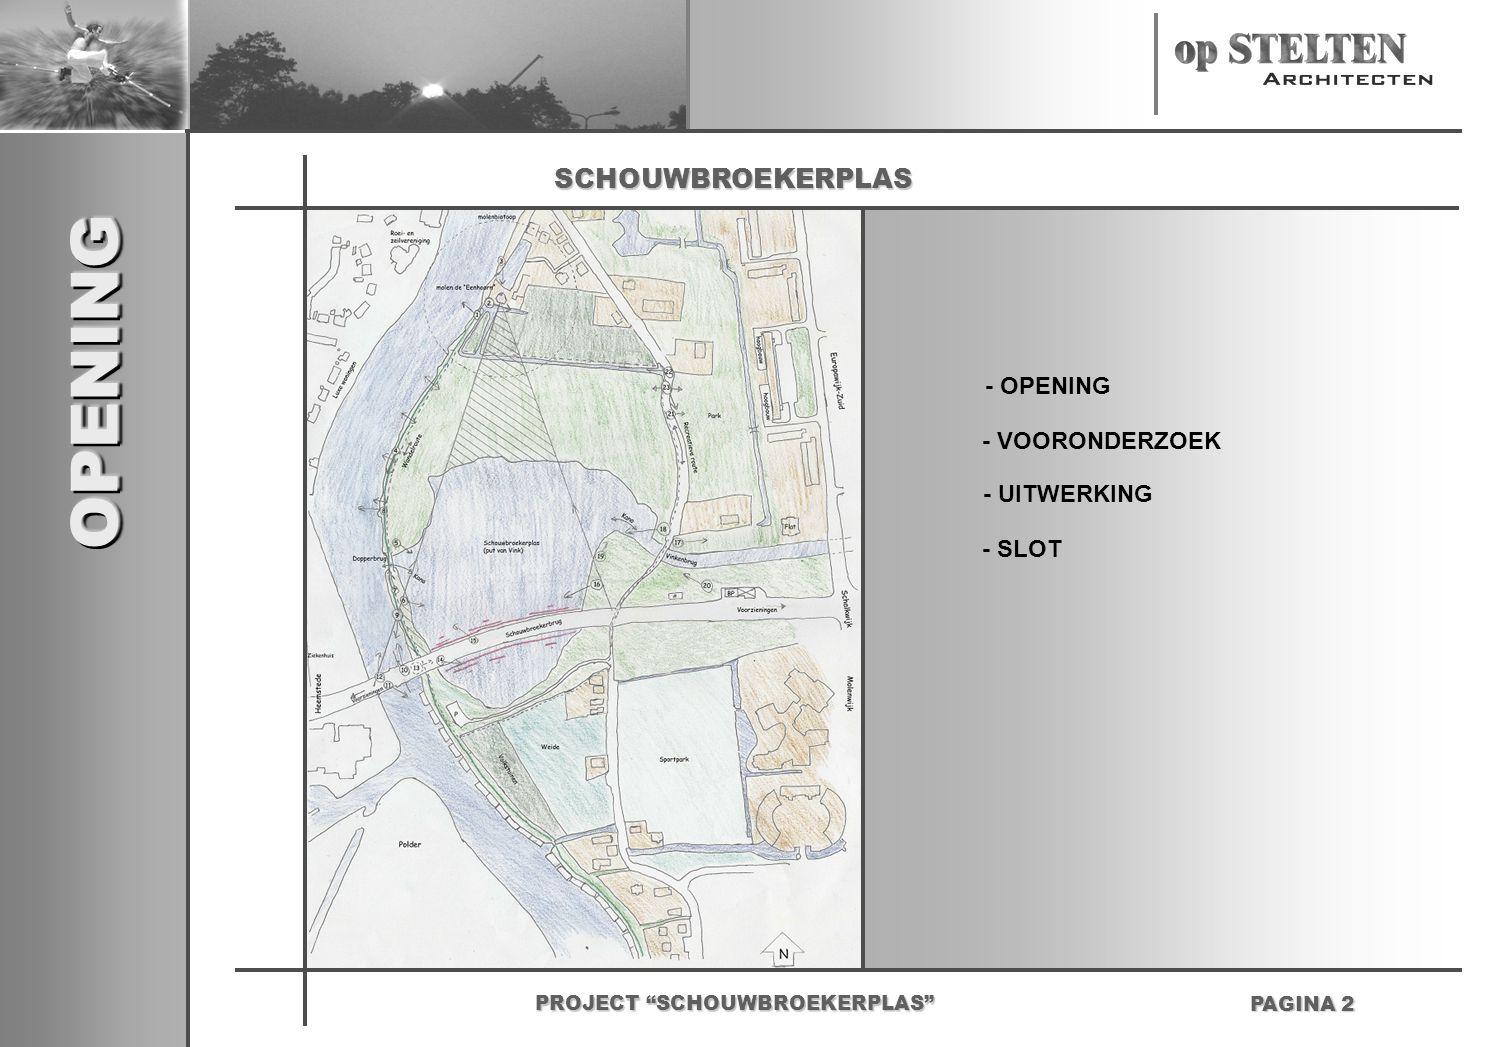 """OPENINGOPENING PAGINA 2 - OPENING PROJECT """"SCHOUWBROEKERPLAS"""" SCHOUWBROEKERPLAS - UITWERKING - VOORONDERZOEK - SLOT"""